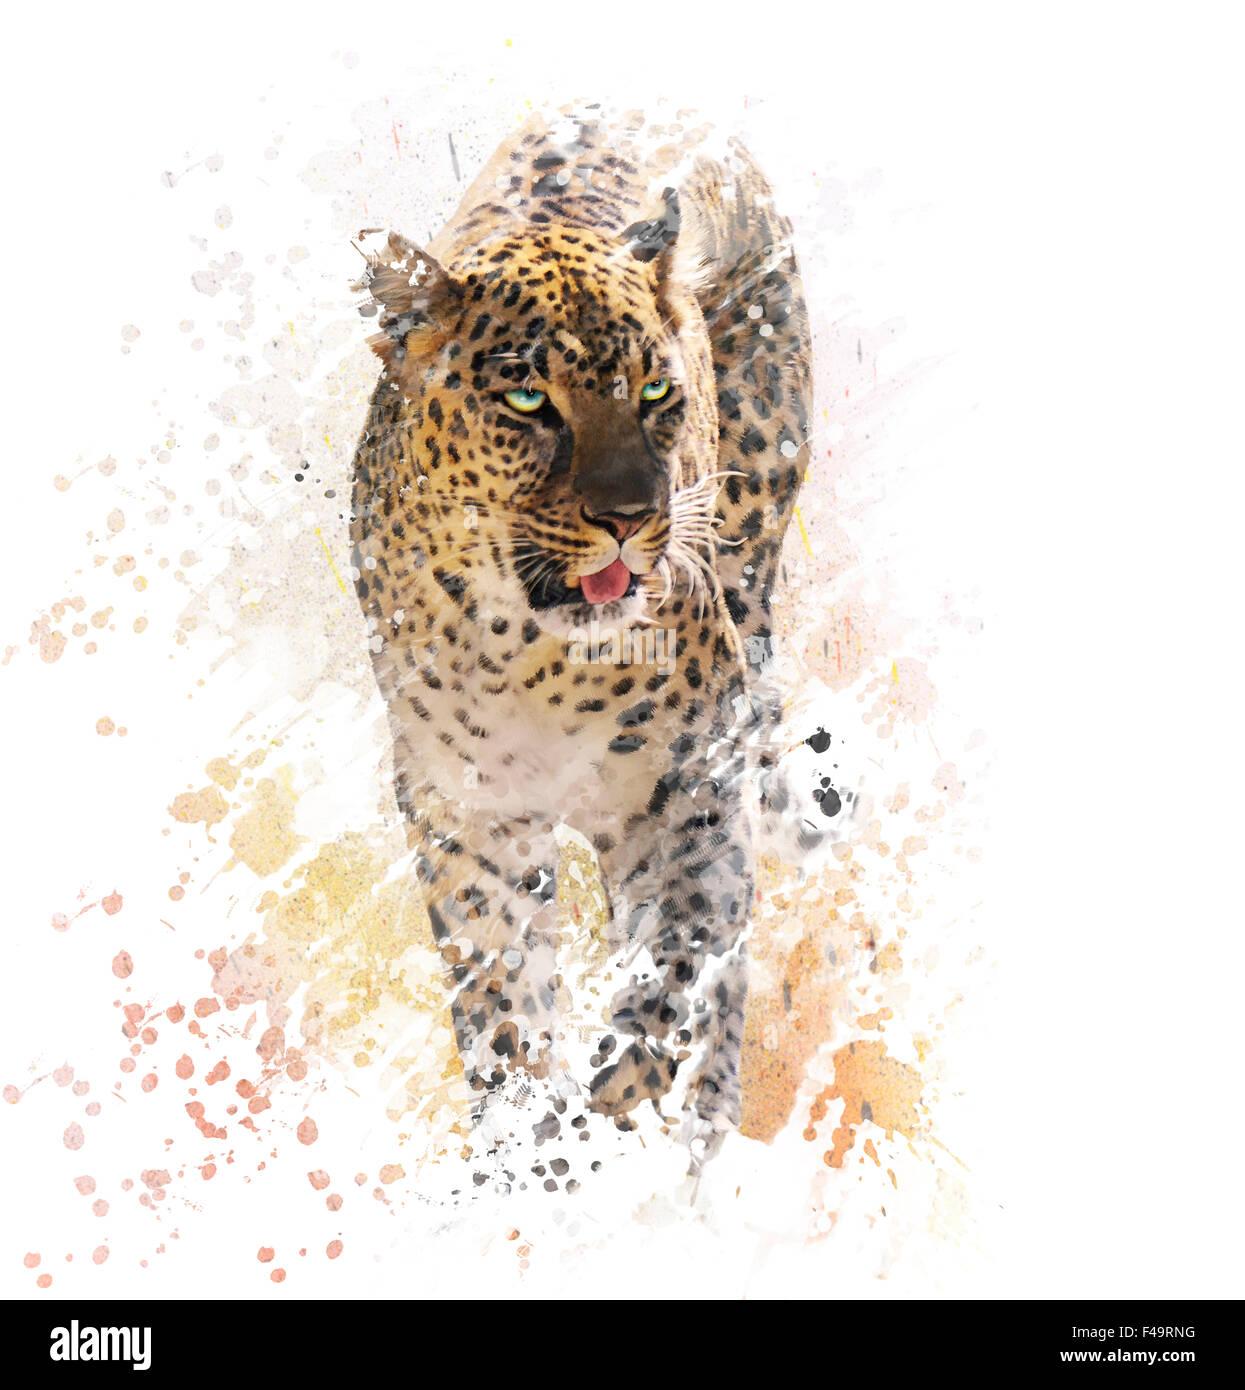 Peinture numérique de Leopard sur fond blanc Photo Stock